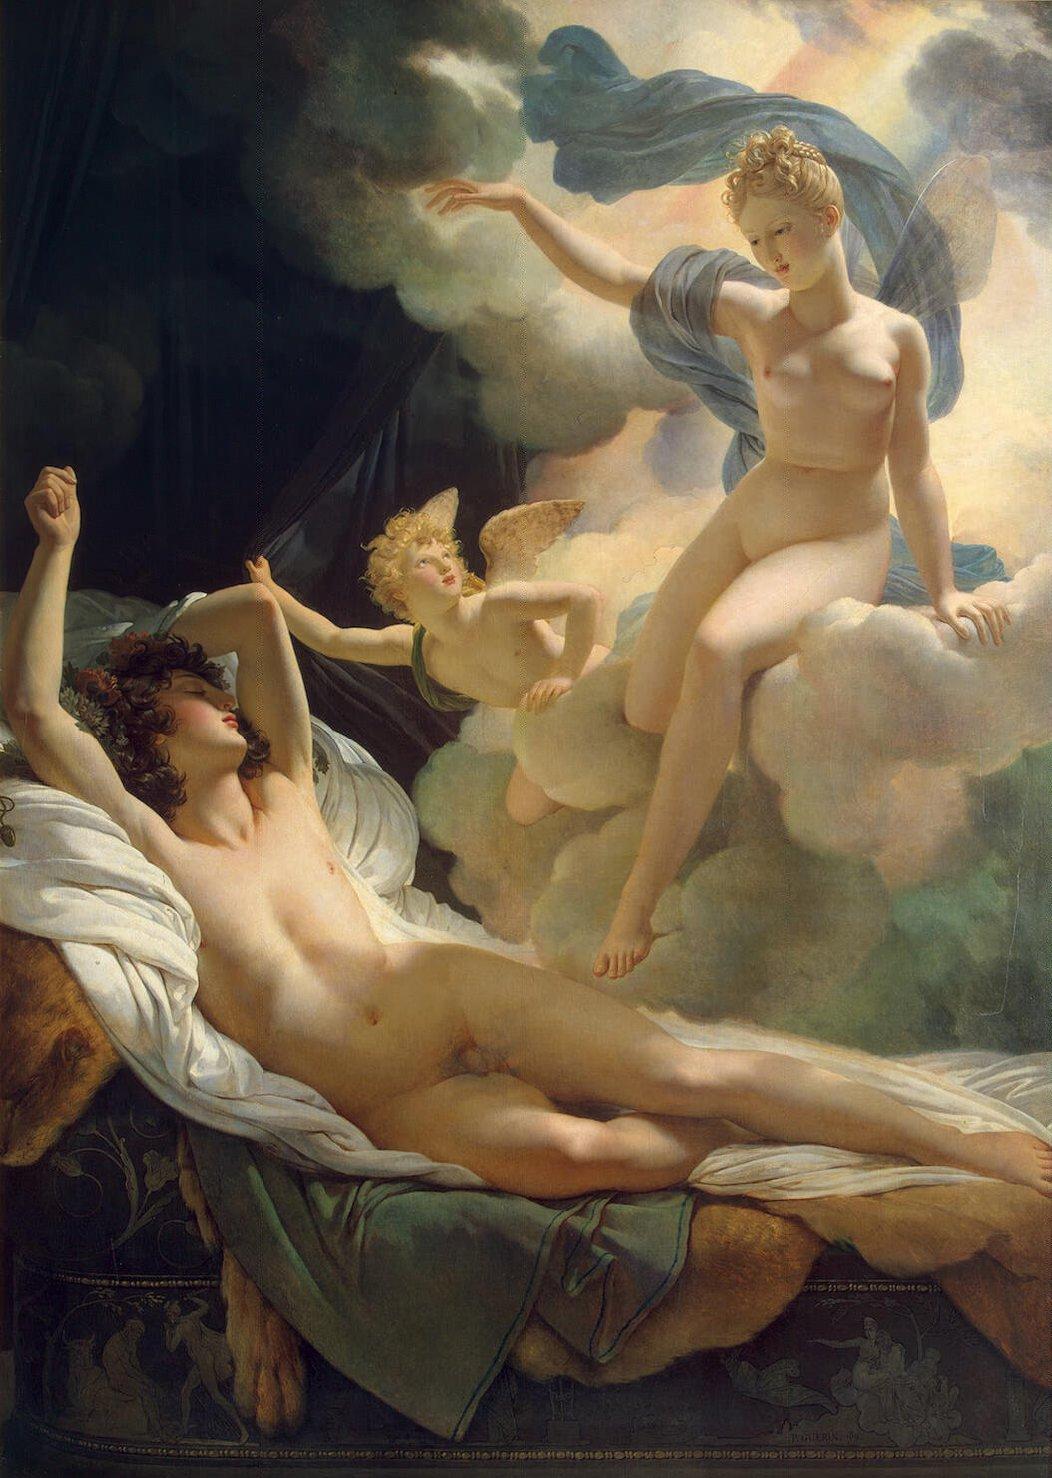 devilhs-adult-art How old is angela ziegler